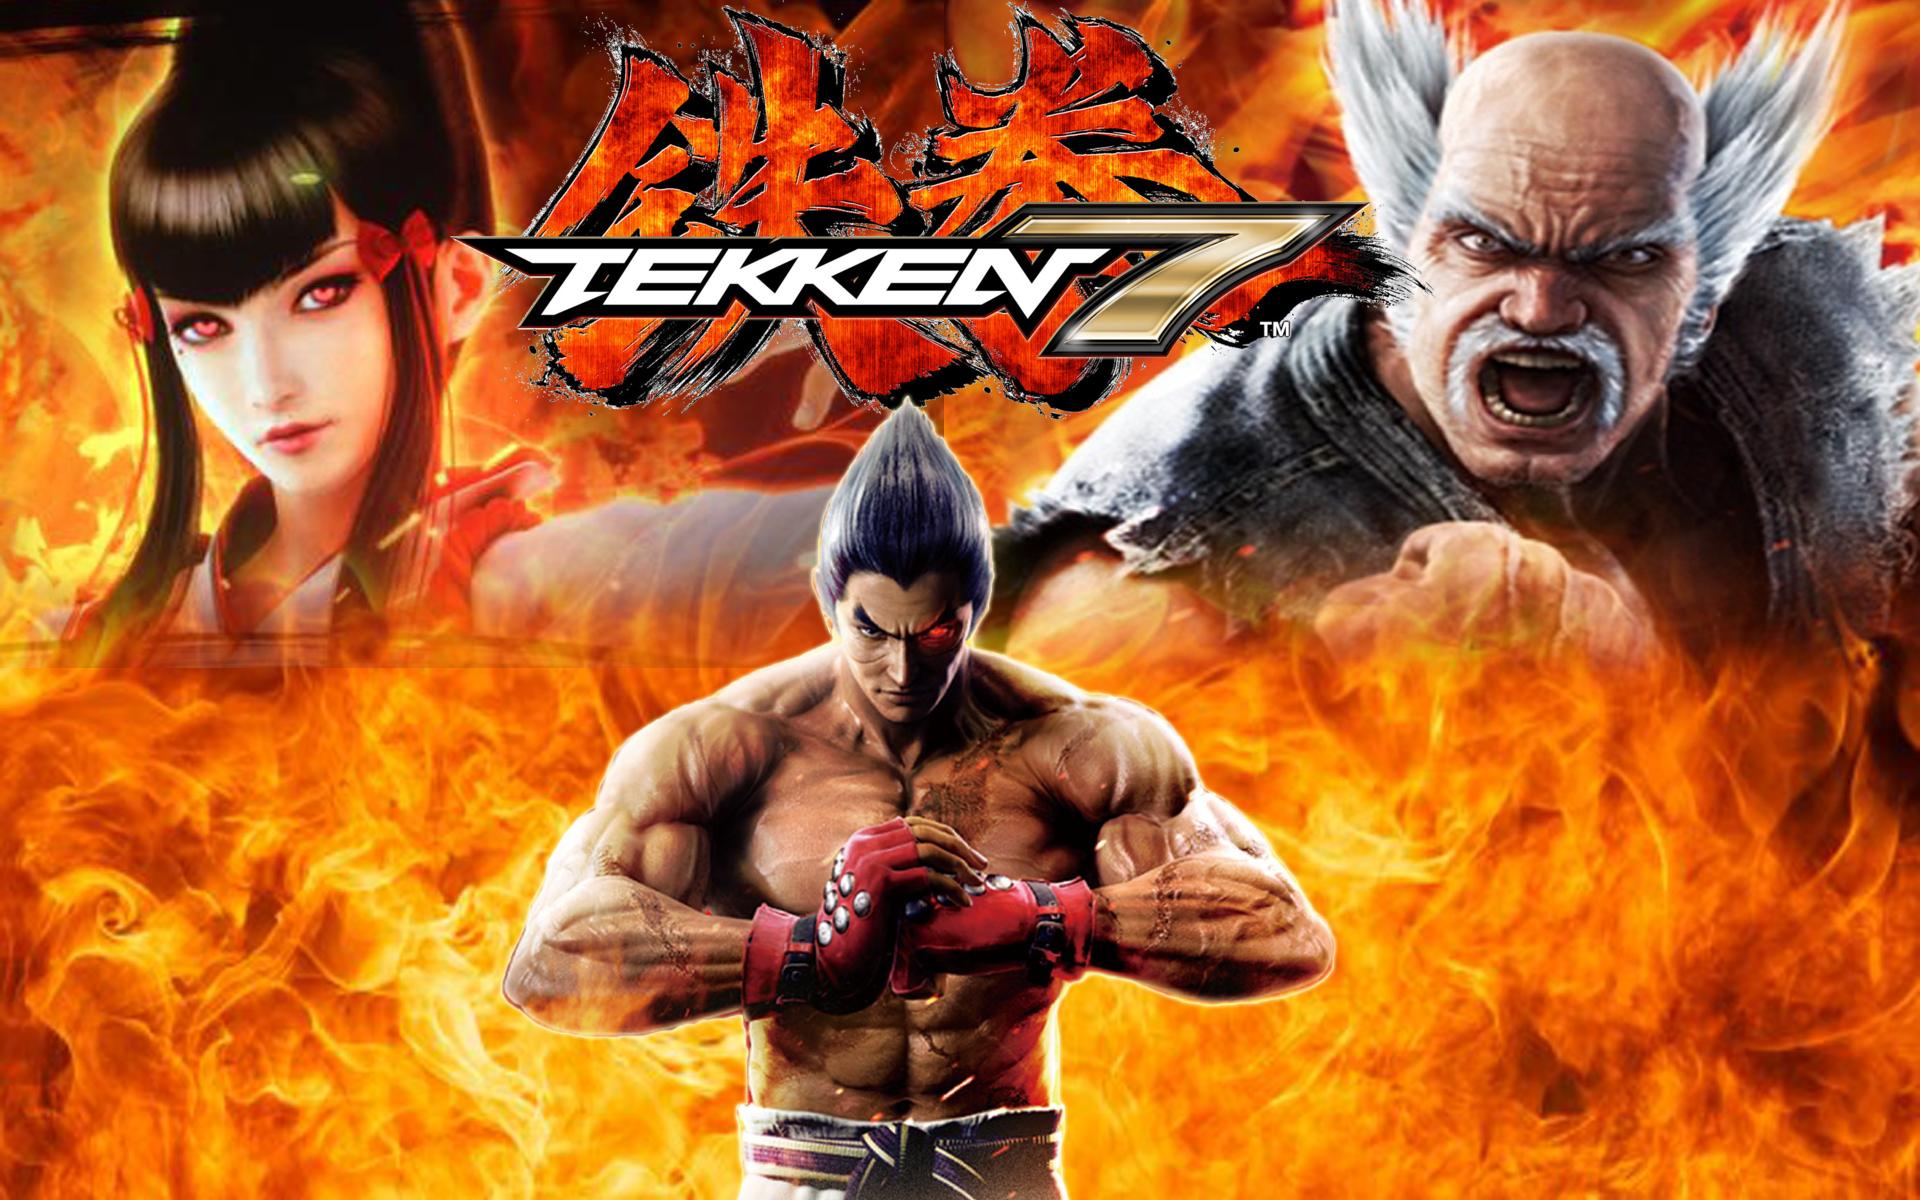 ثلاثة ملايين نسخة مُباعة من لعبة القتال Tekken 7 - دوت امارات